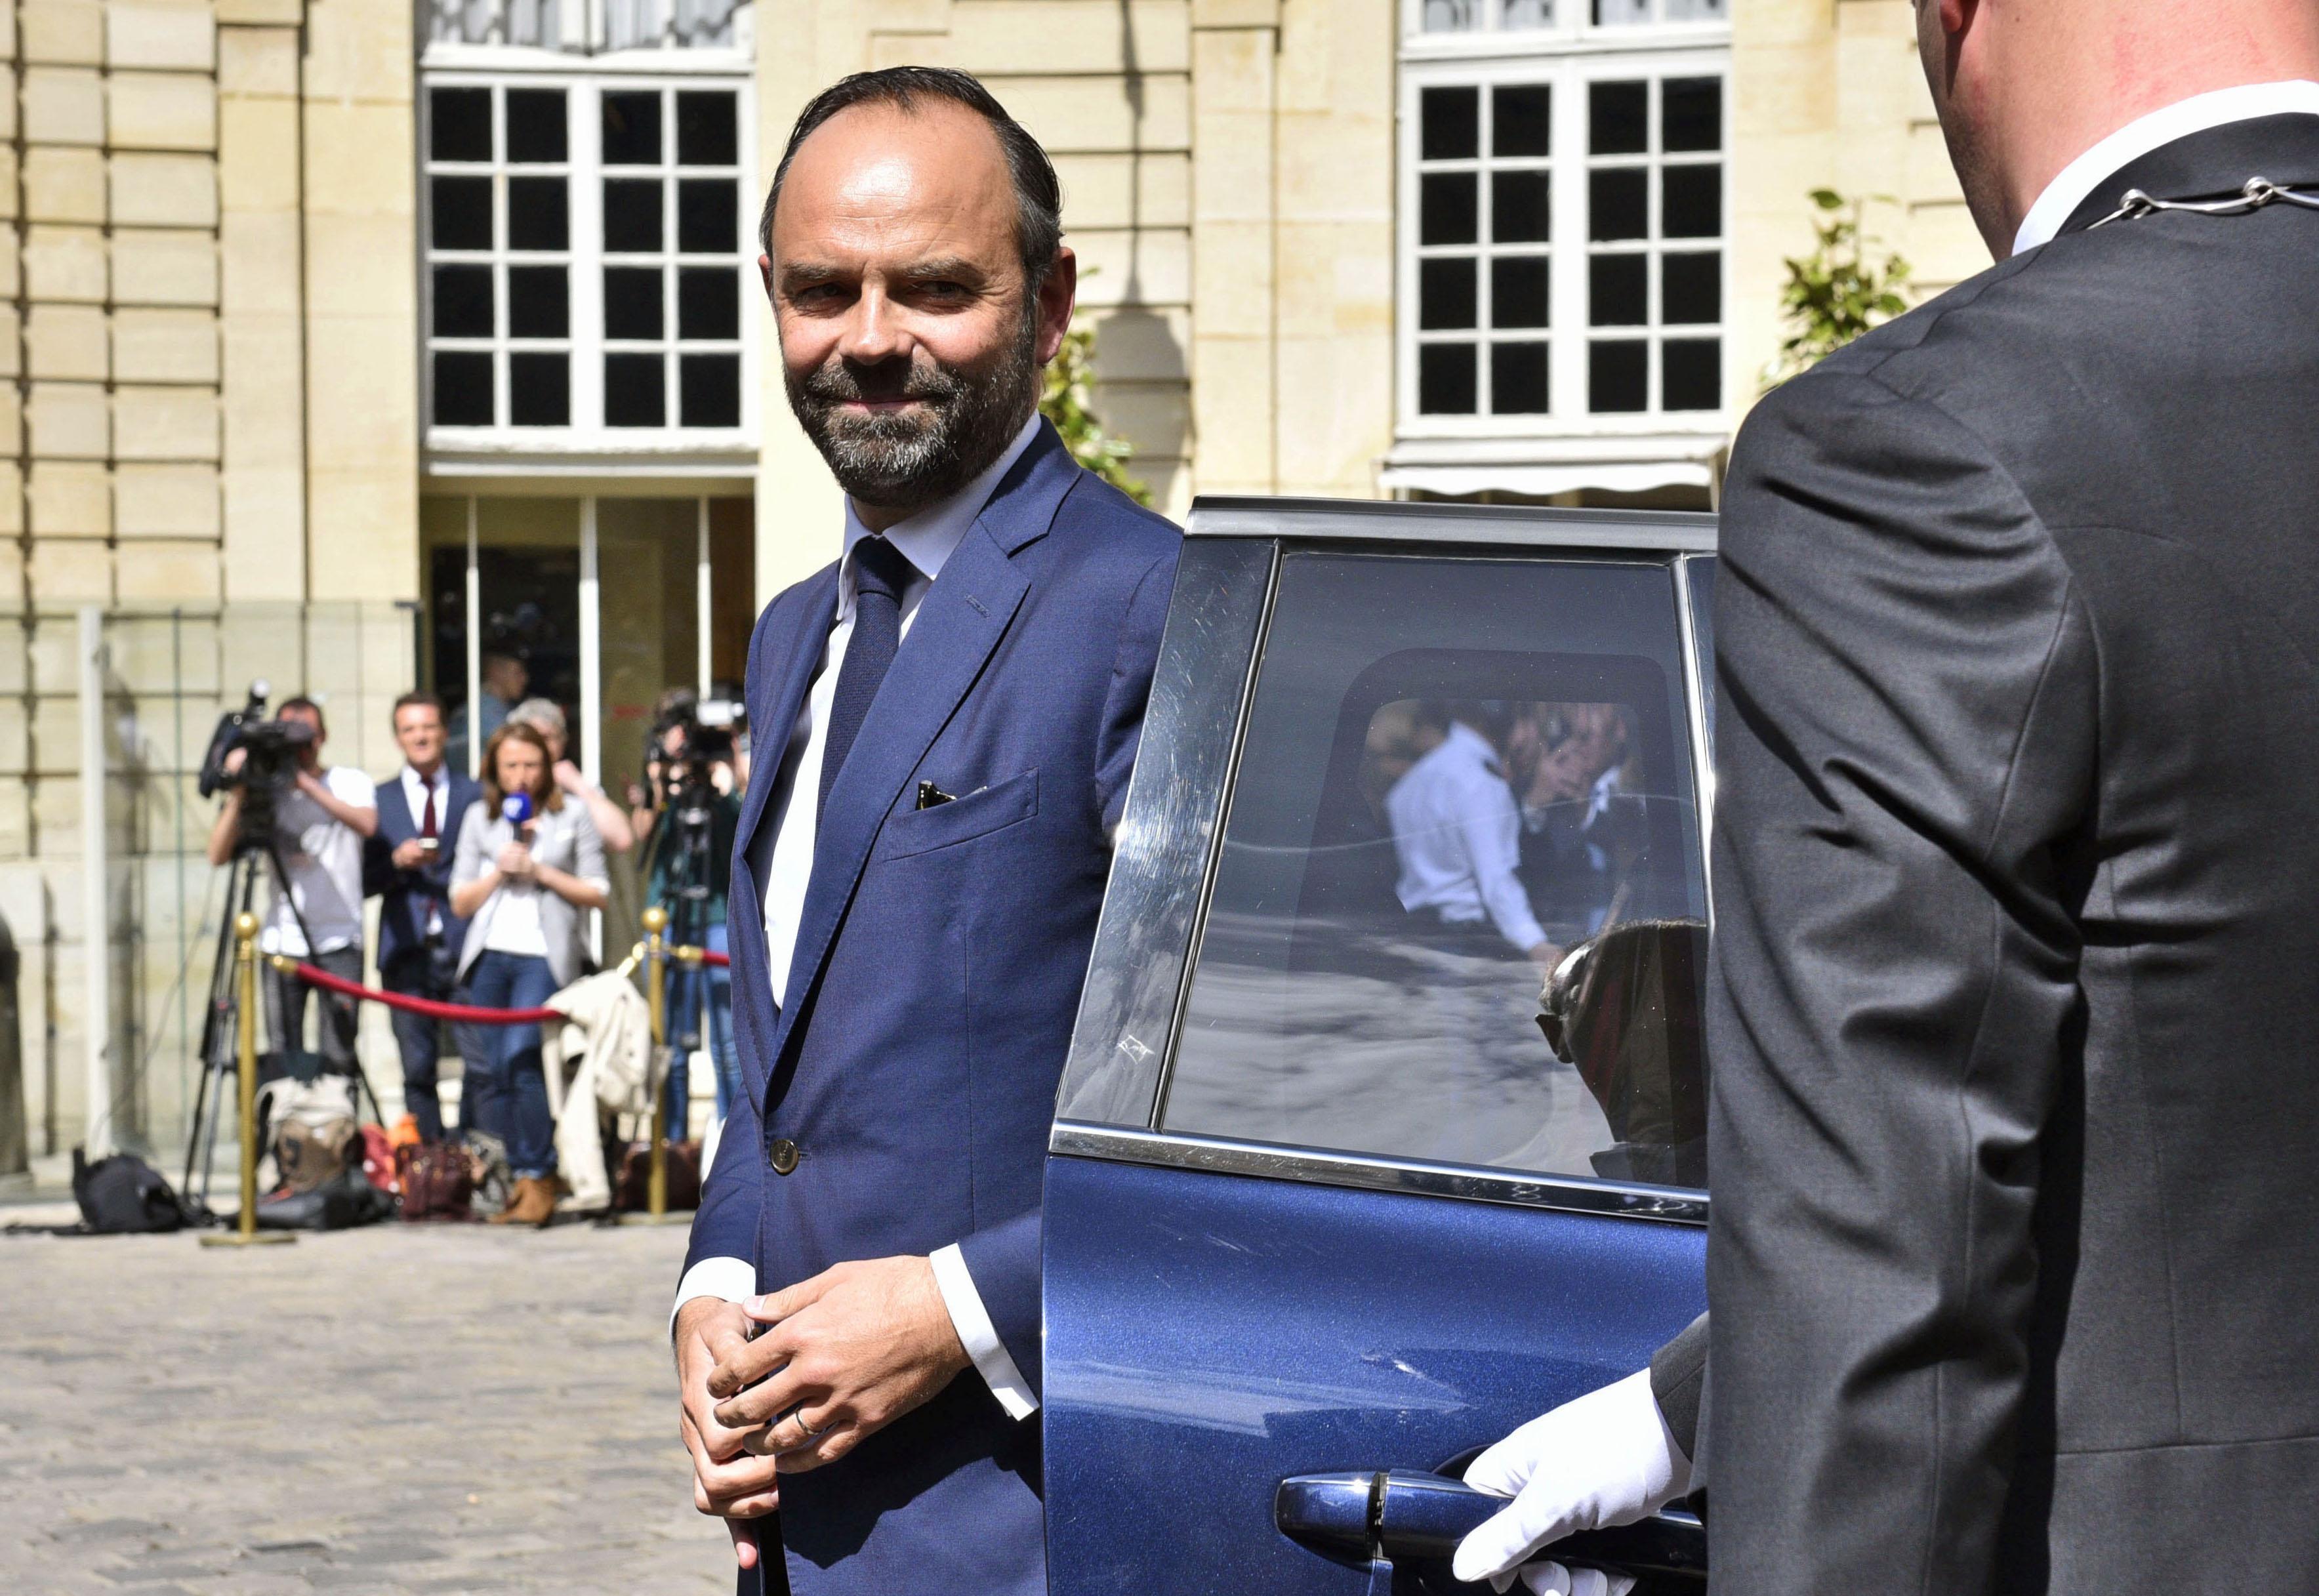 Путин провел телефонный разговор сновым президентом Франции Макроном